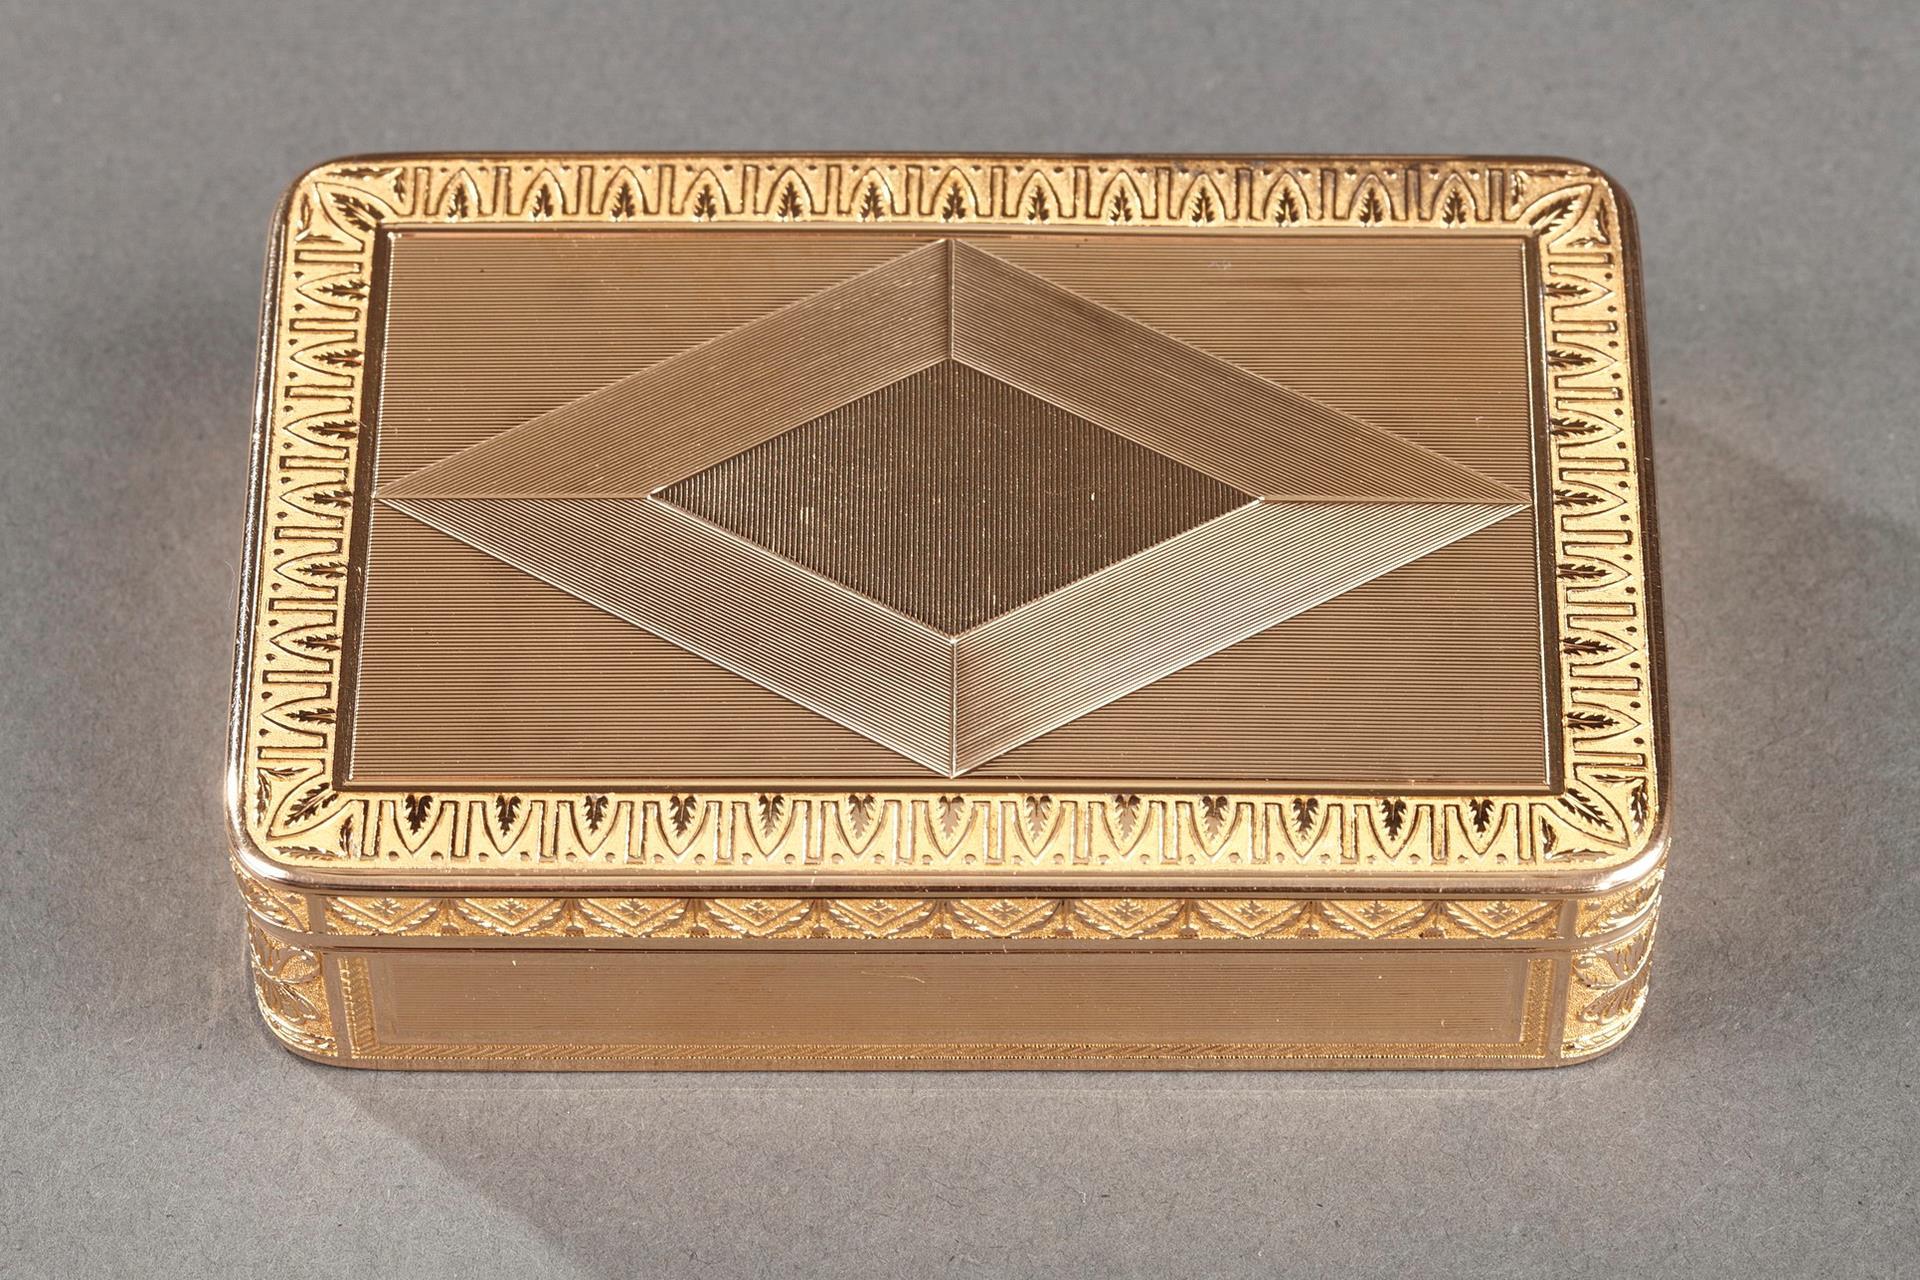 Early 19th century Gold box. Rémond, Lamy, Mercier & Co. à Genève.